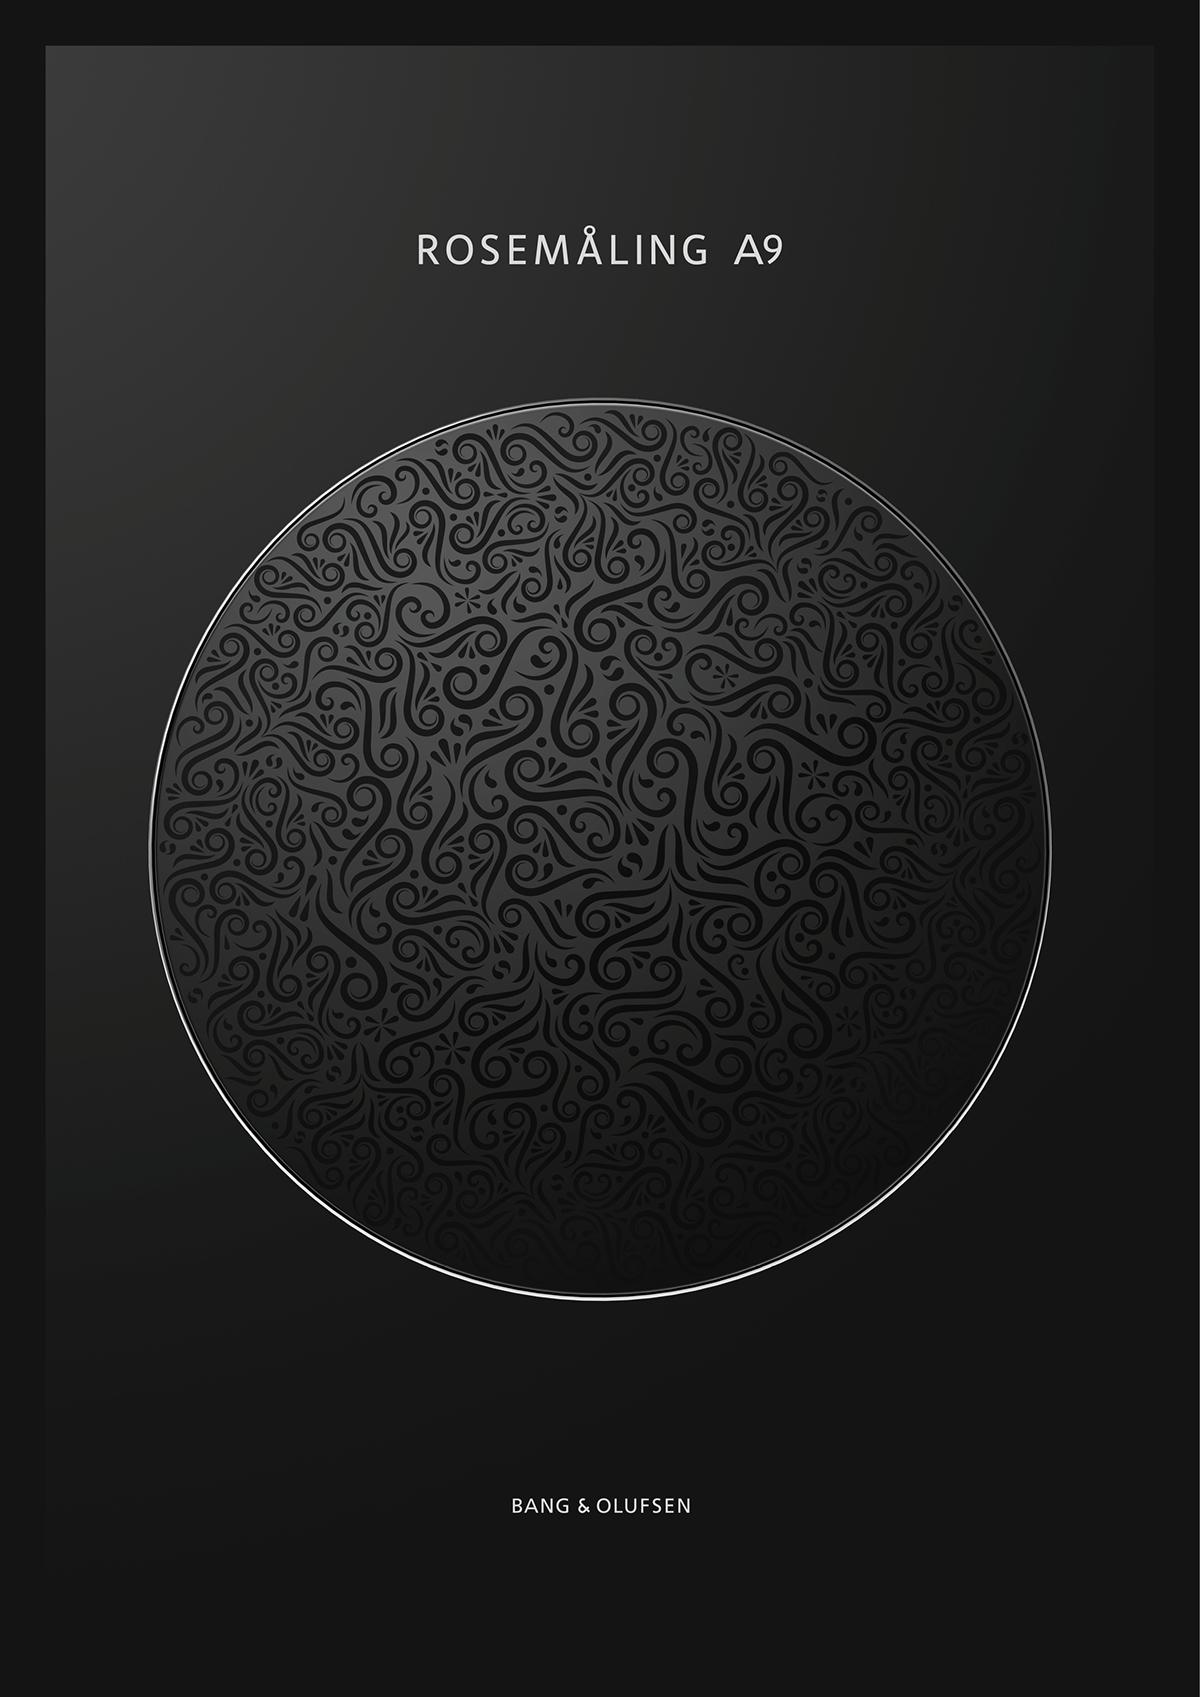 bang olufsen a9 special edition rosem ling on behance. Black Bedroom Furniture Sets. Home Design Ideas